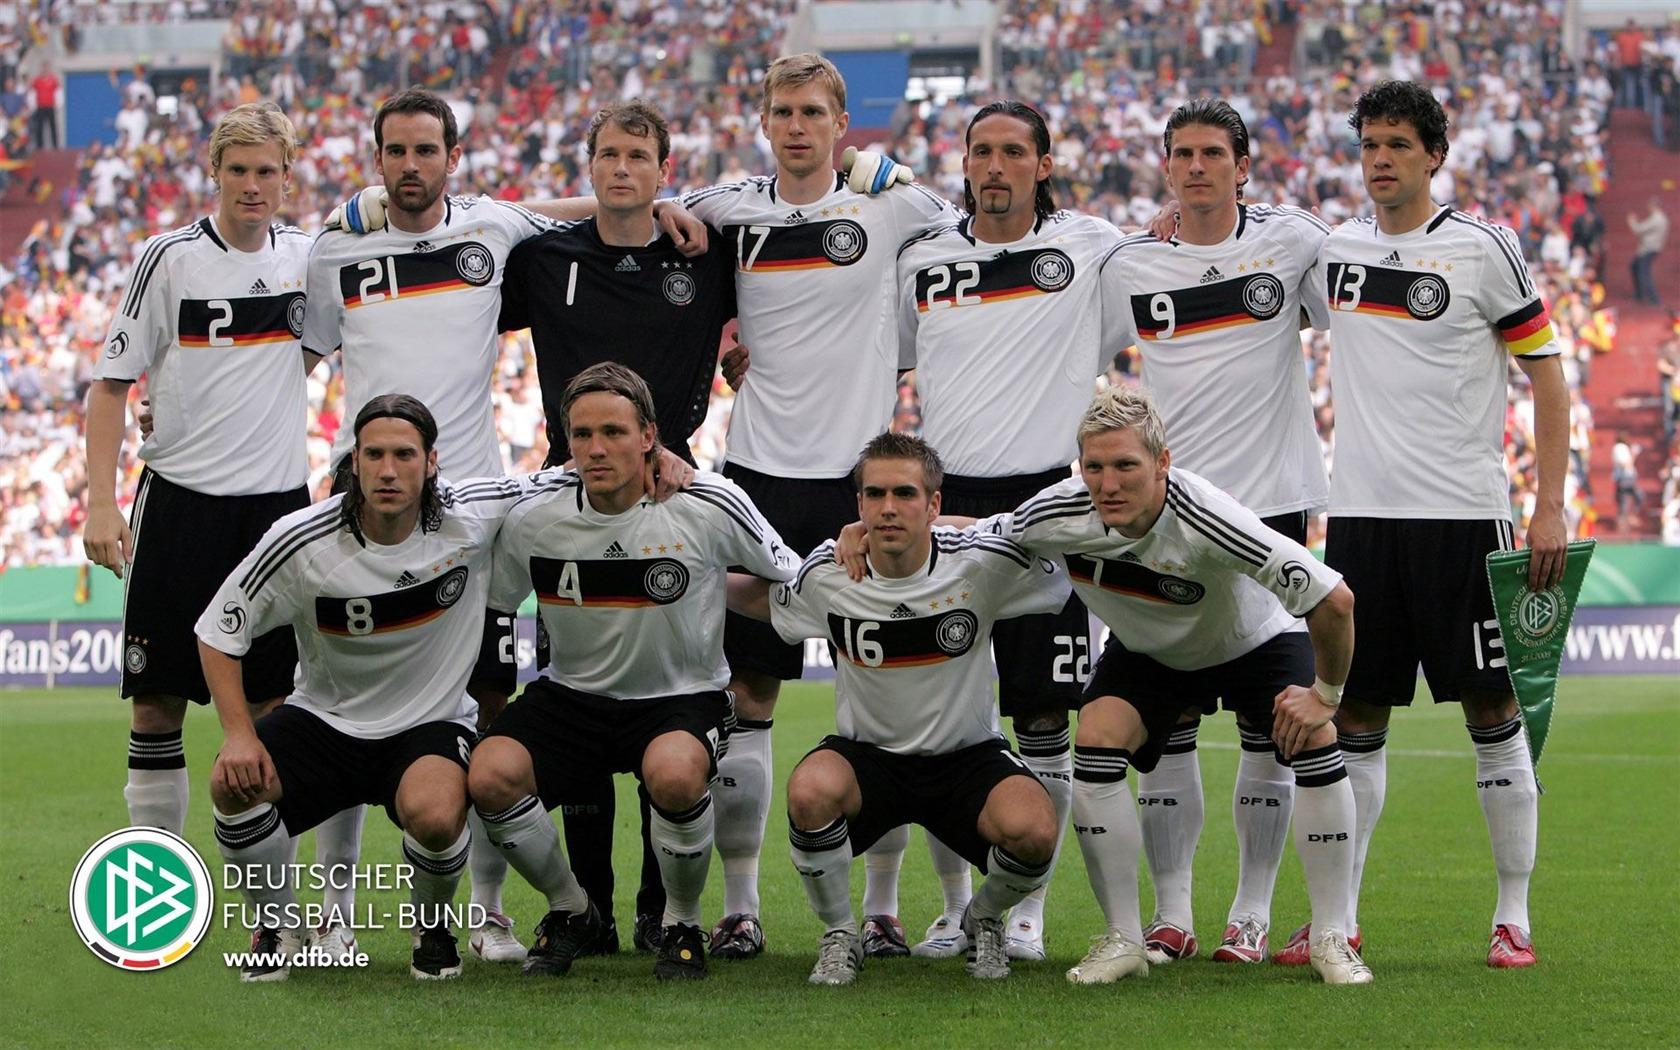 描述: 德国足球队-euro 2012欧洲杯壁纸 当前壁纸尺寸: 1680 x 1050图片